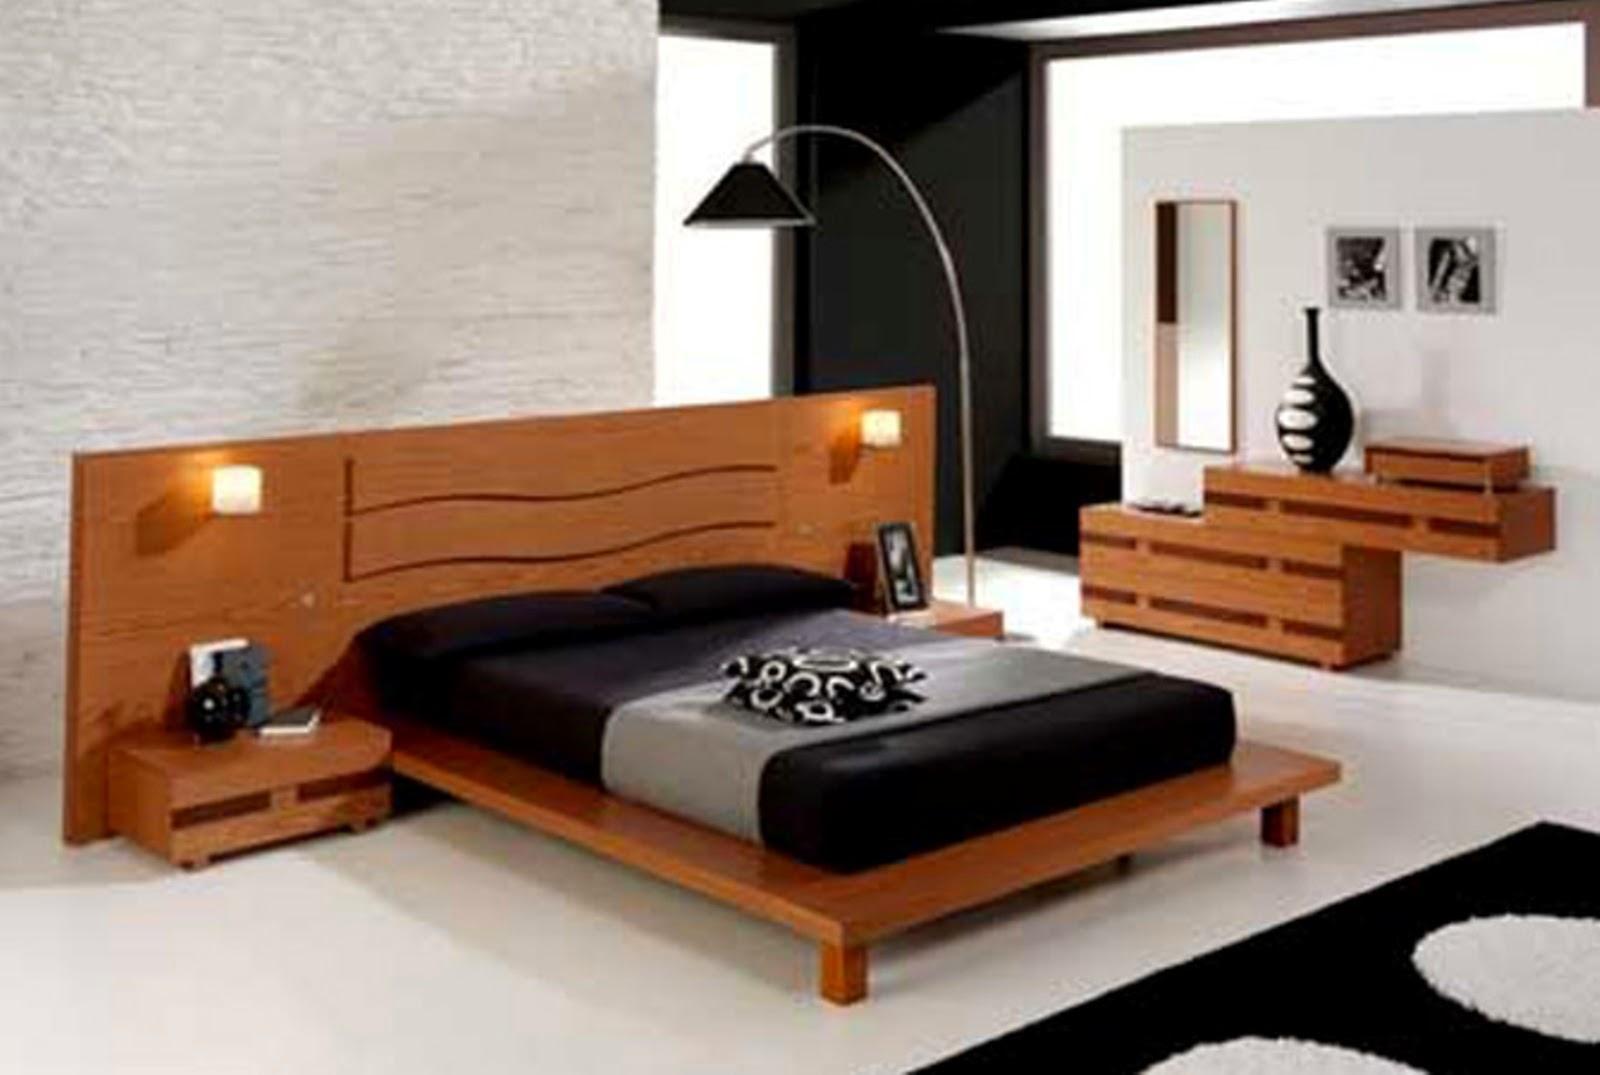 Gambar kamar tidur rumah minimalis modren terbaru